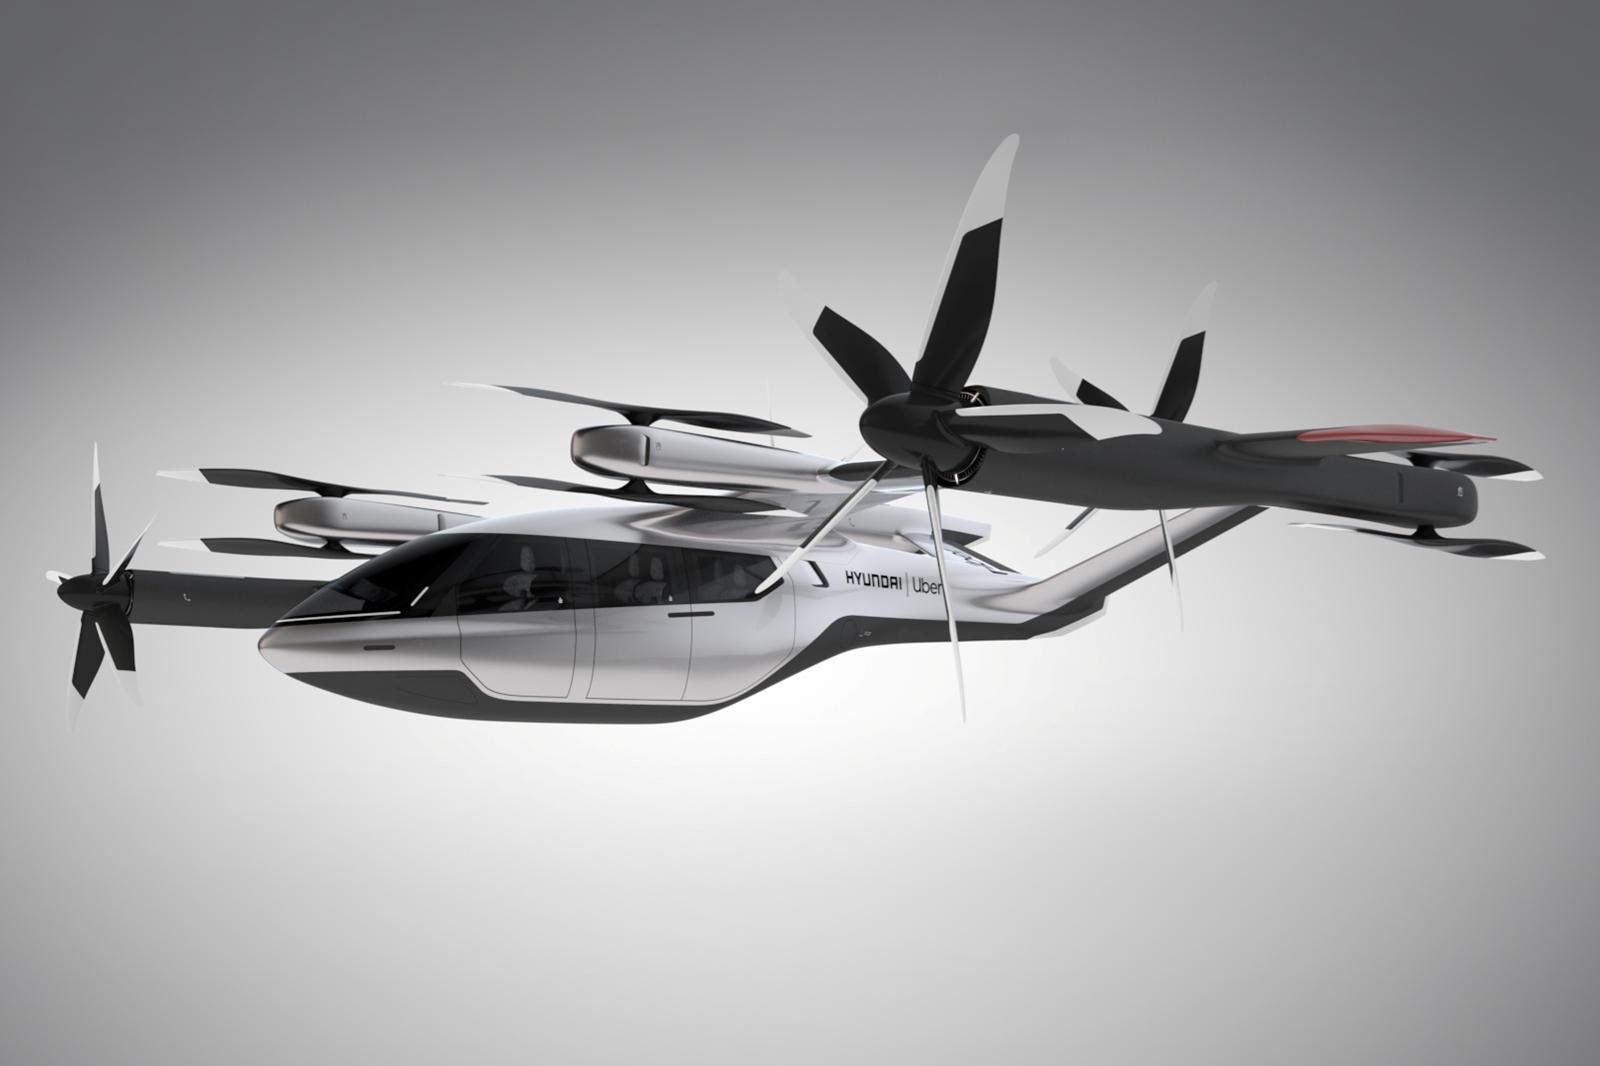 """丰田继续努力实现""""飞行汽车""""梦想 已经在试验电动垂直起降等技术"""